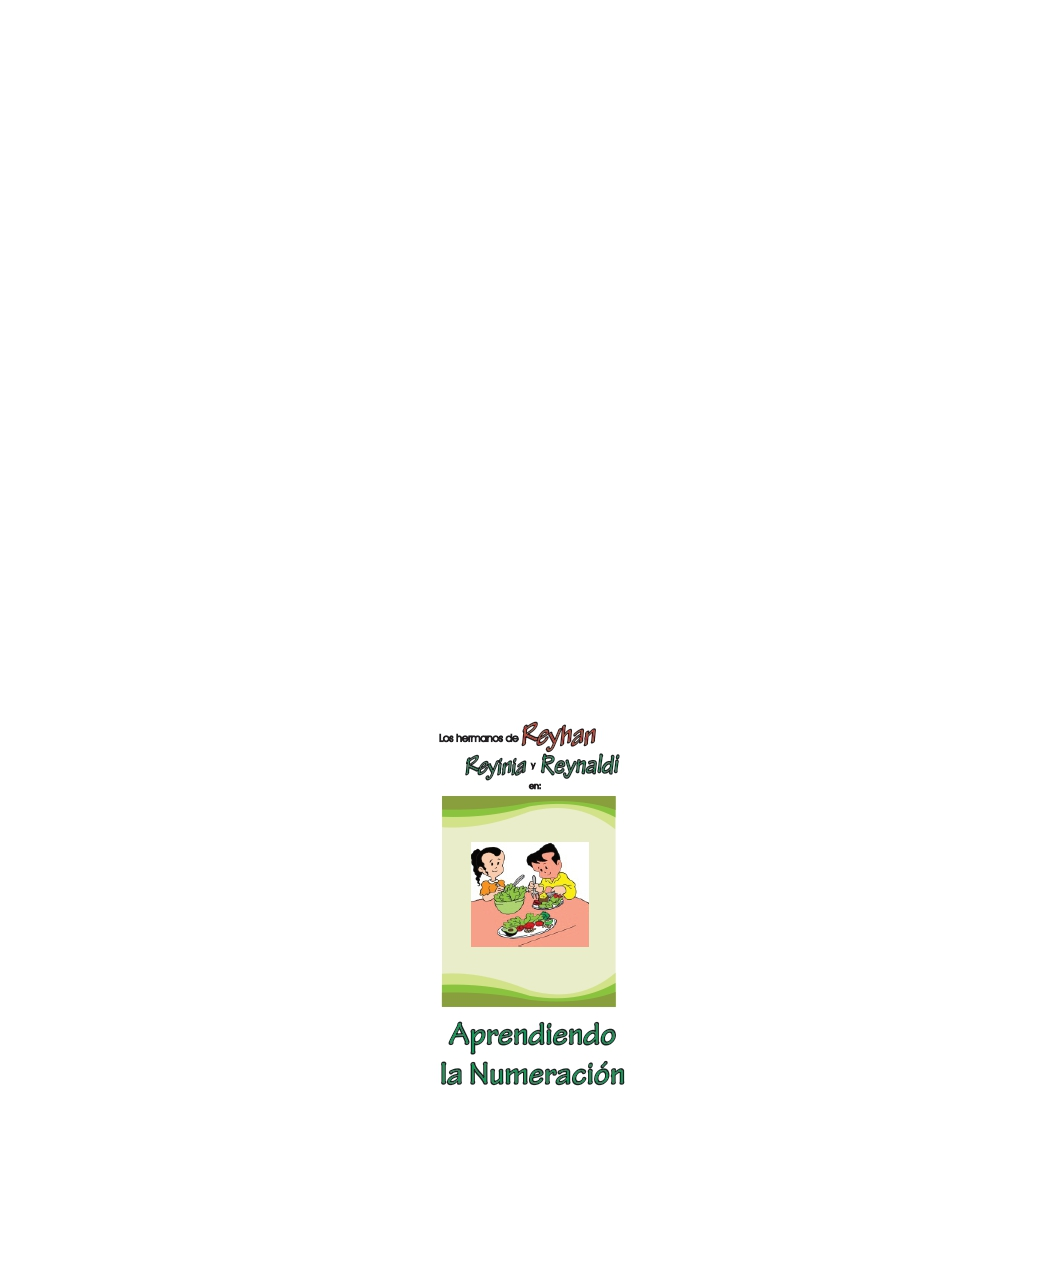 Numeración preescolar digital_page-0024